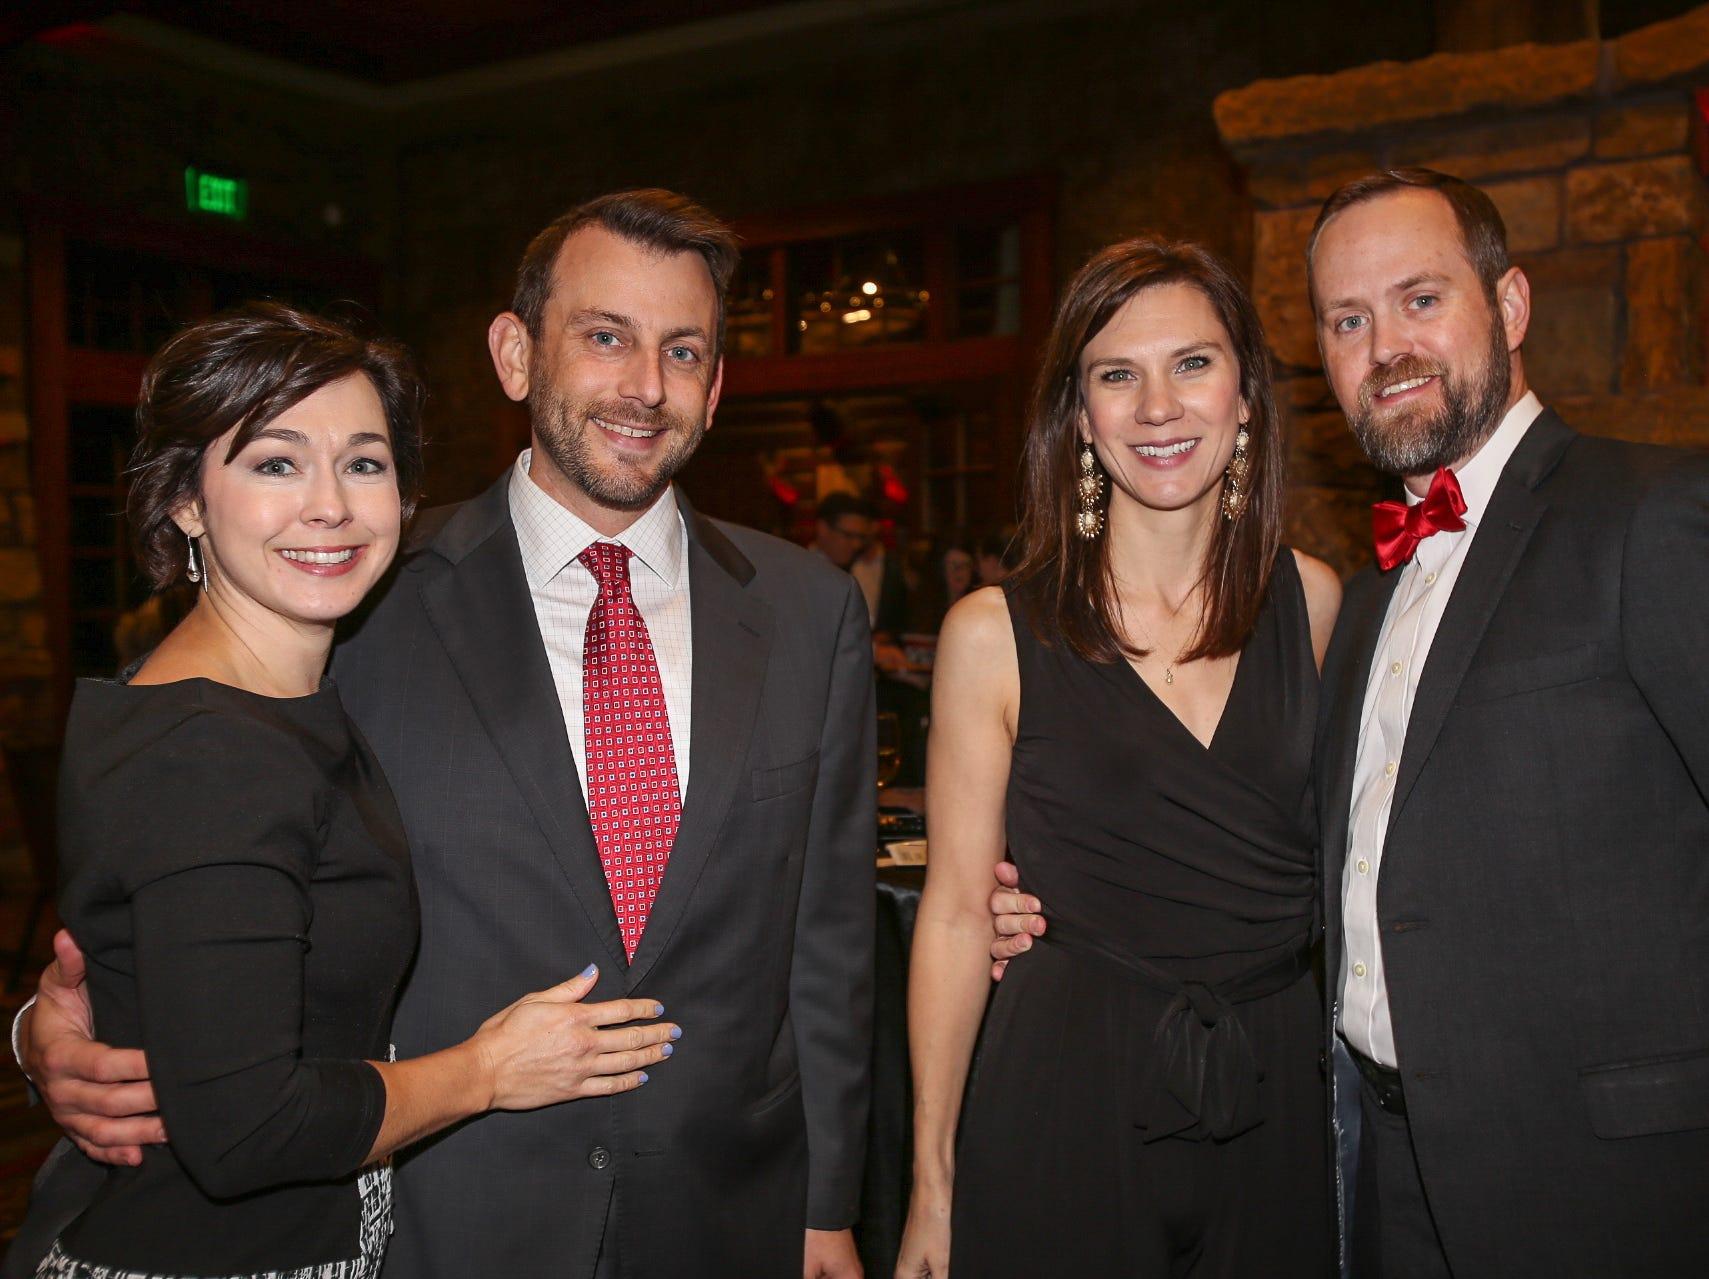 Brandi and Rick VanAntwerp, Laura Robinson, and Paul Jameson